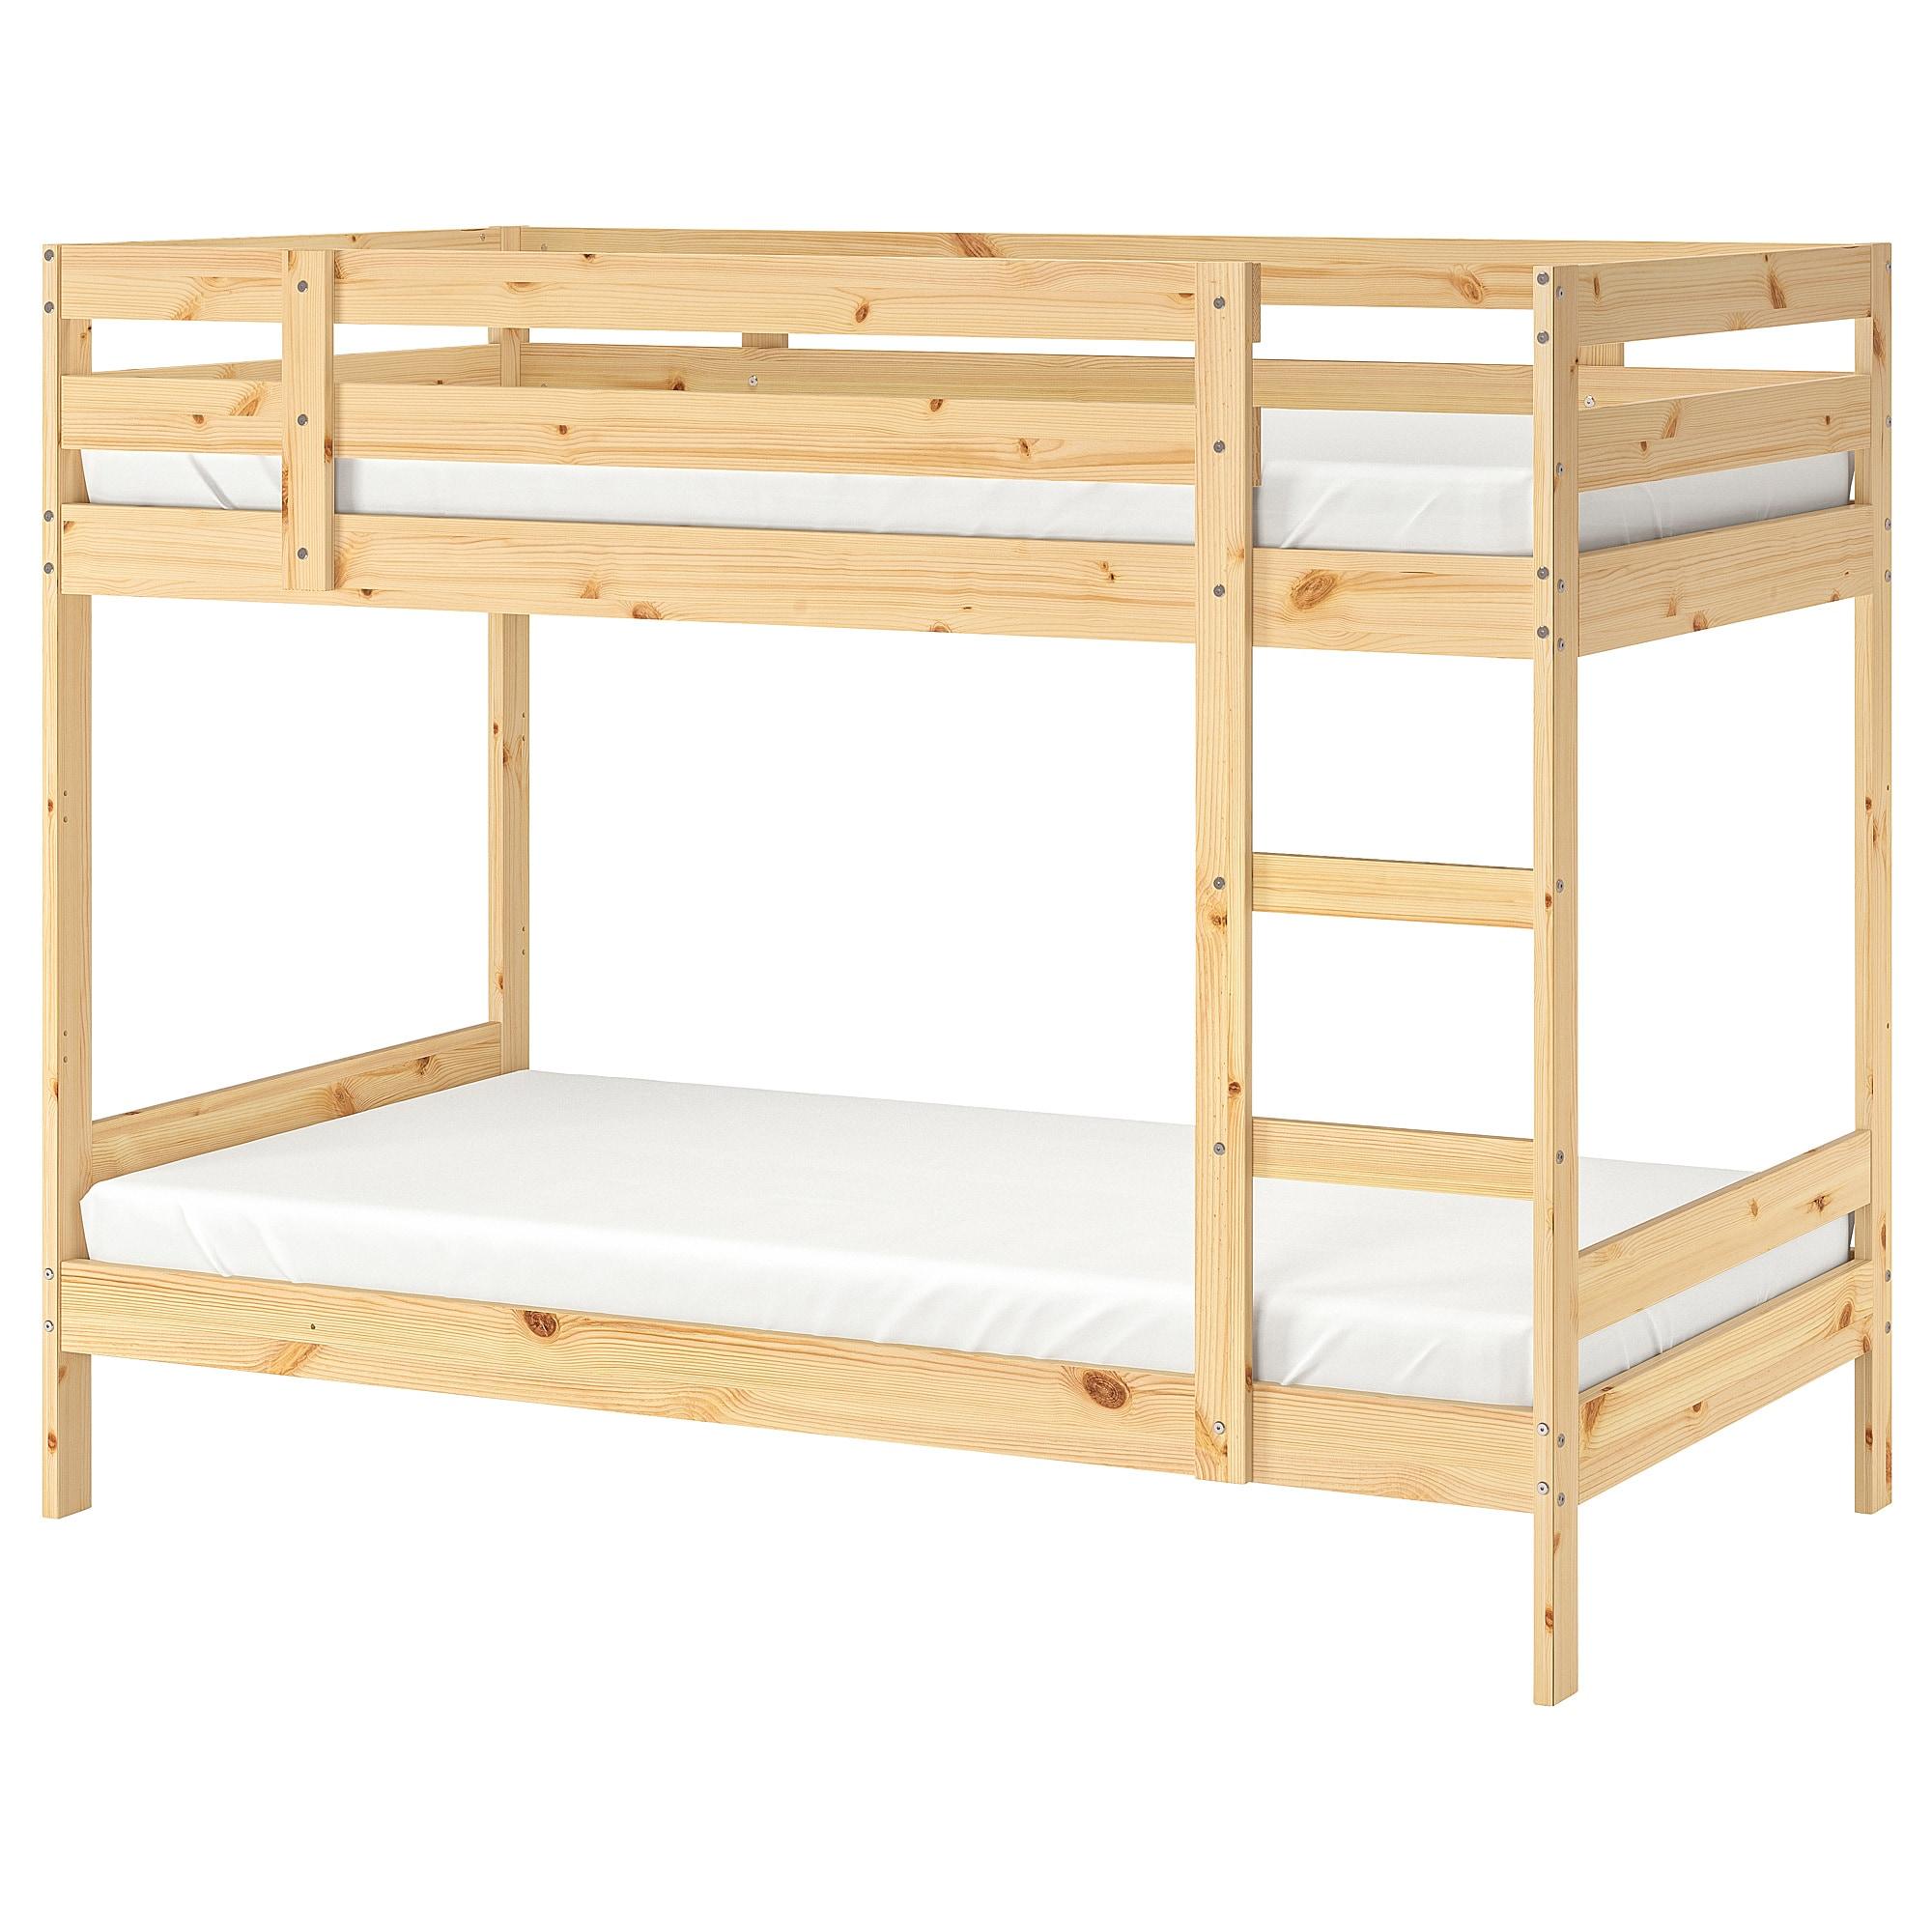 MYDAL Struttura per letto a castello, pino, 90x200 cm - IKEA